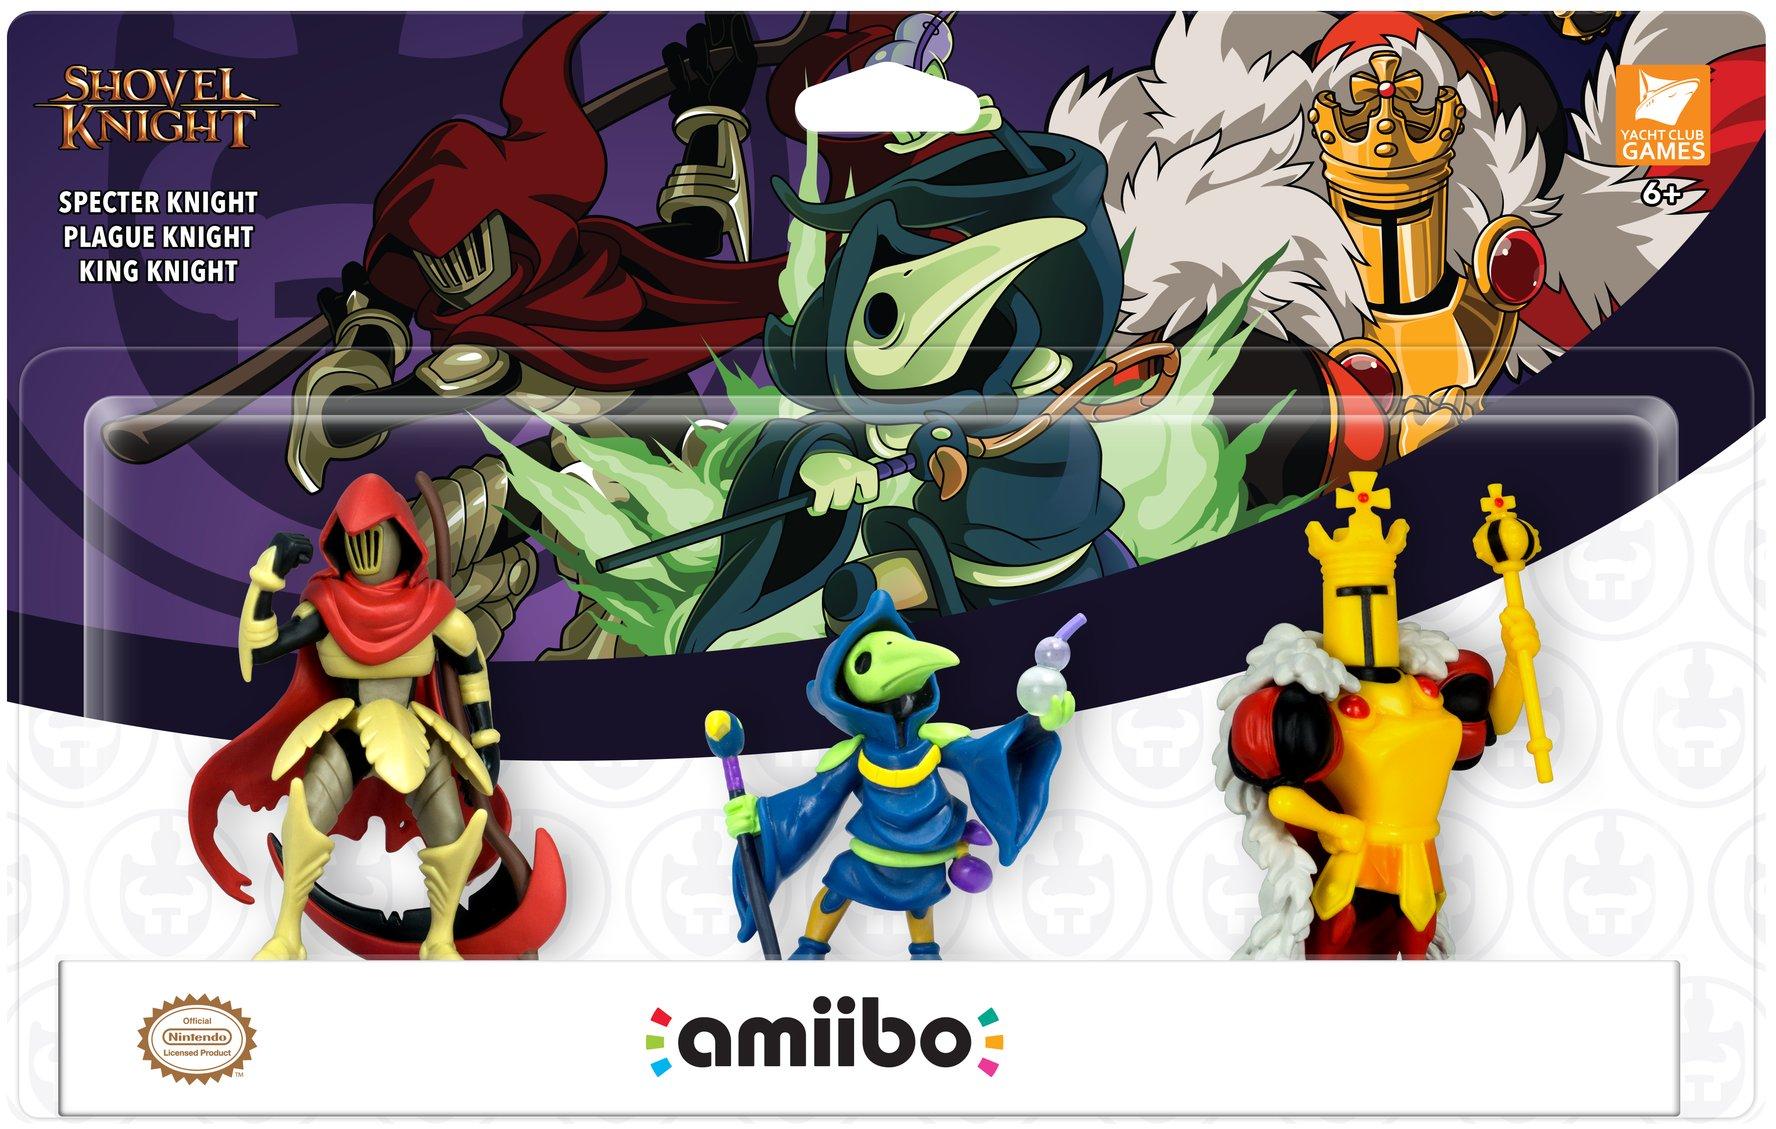 Shovel Knight - amiibo 3 pack